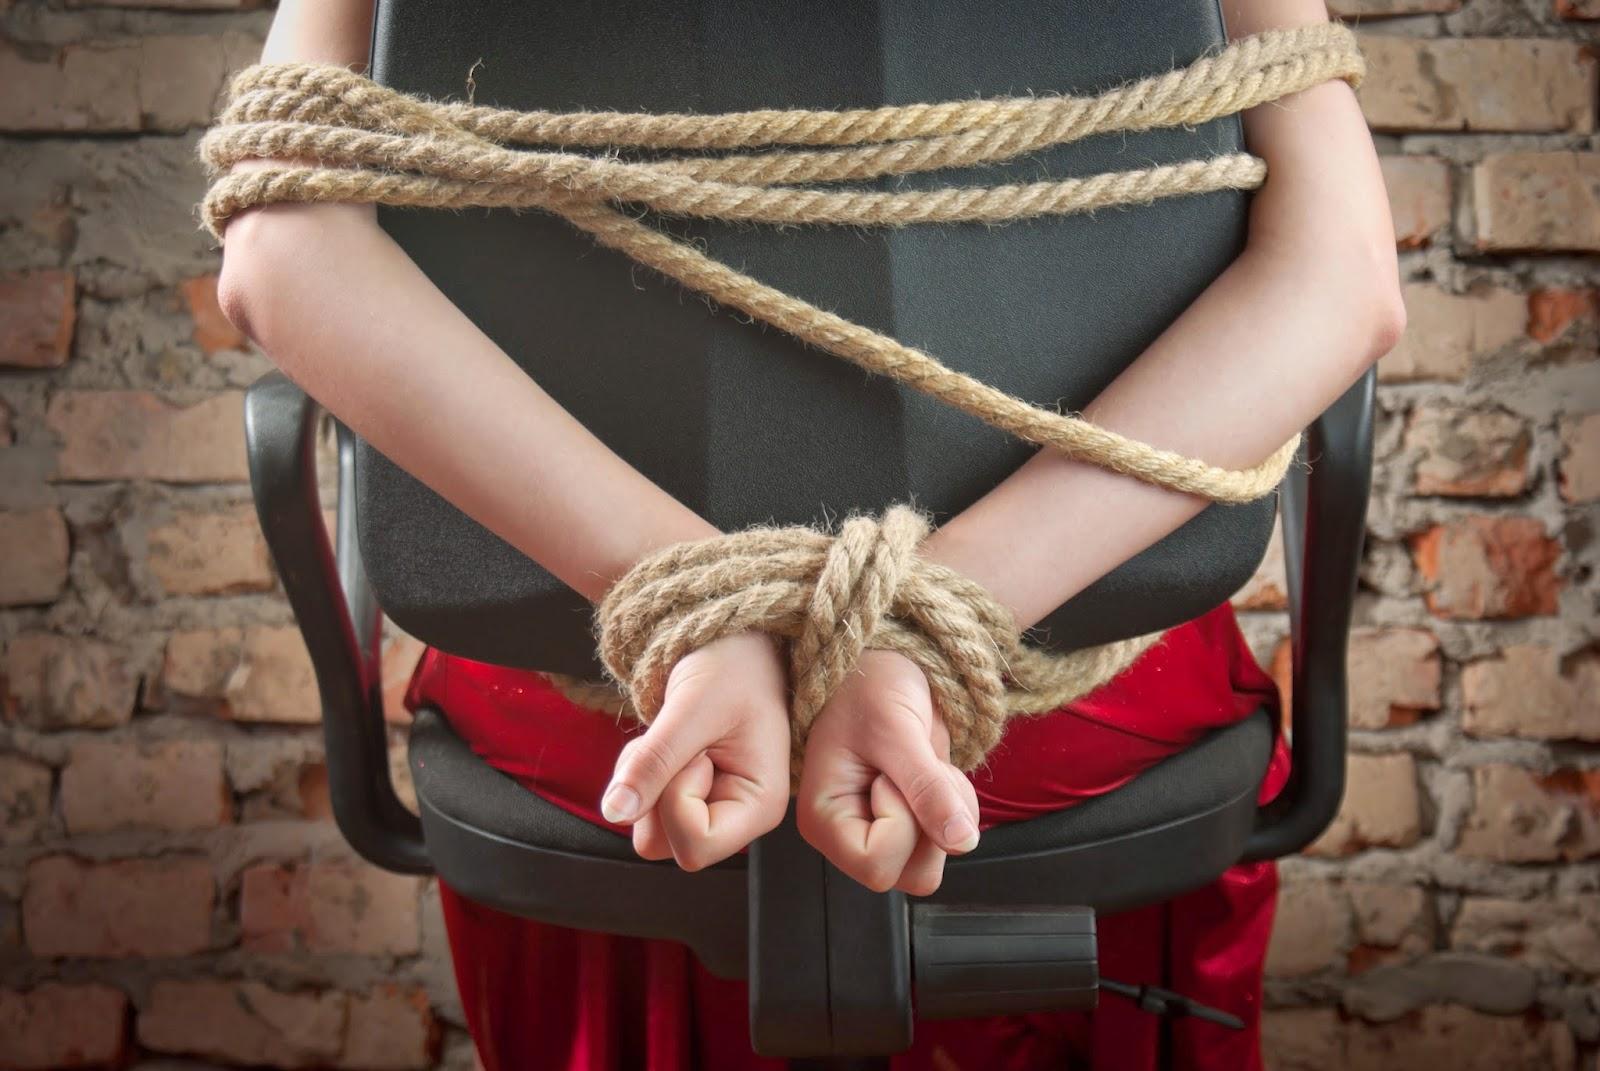 Фото связанные веревкой женщины